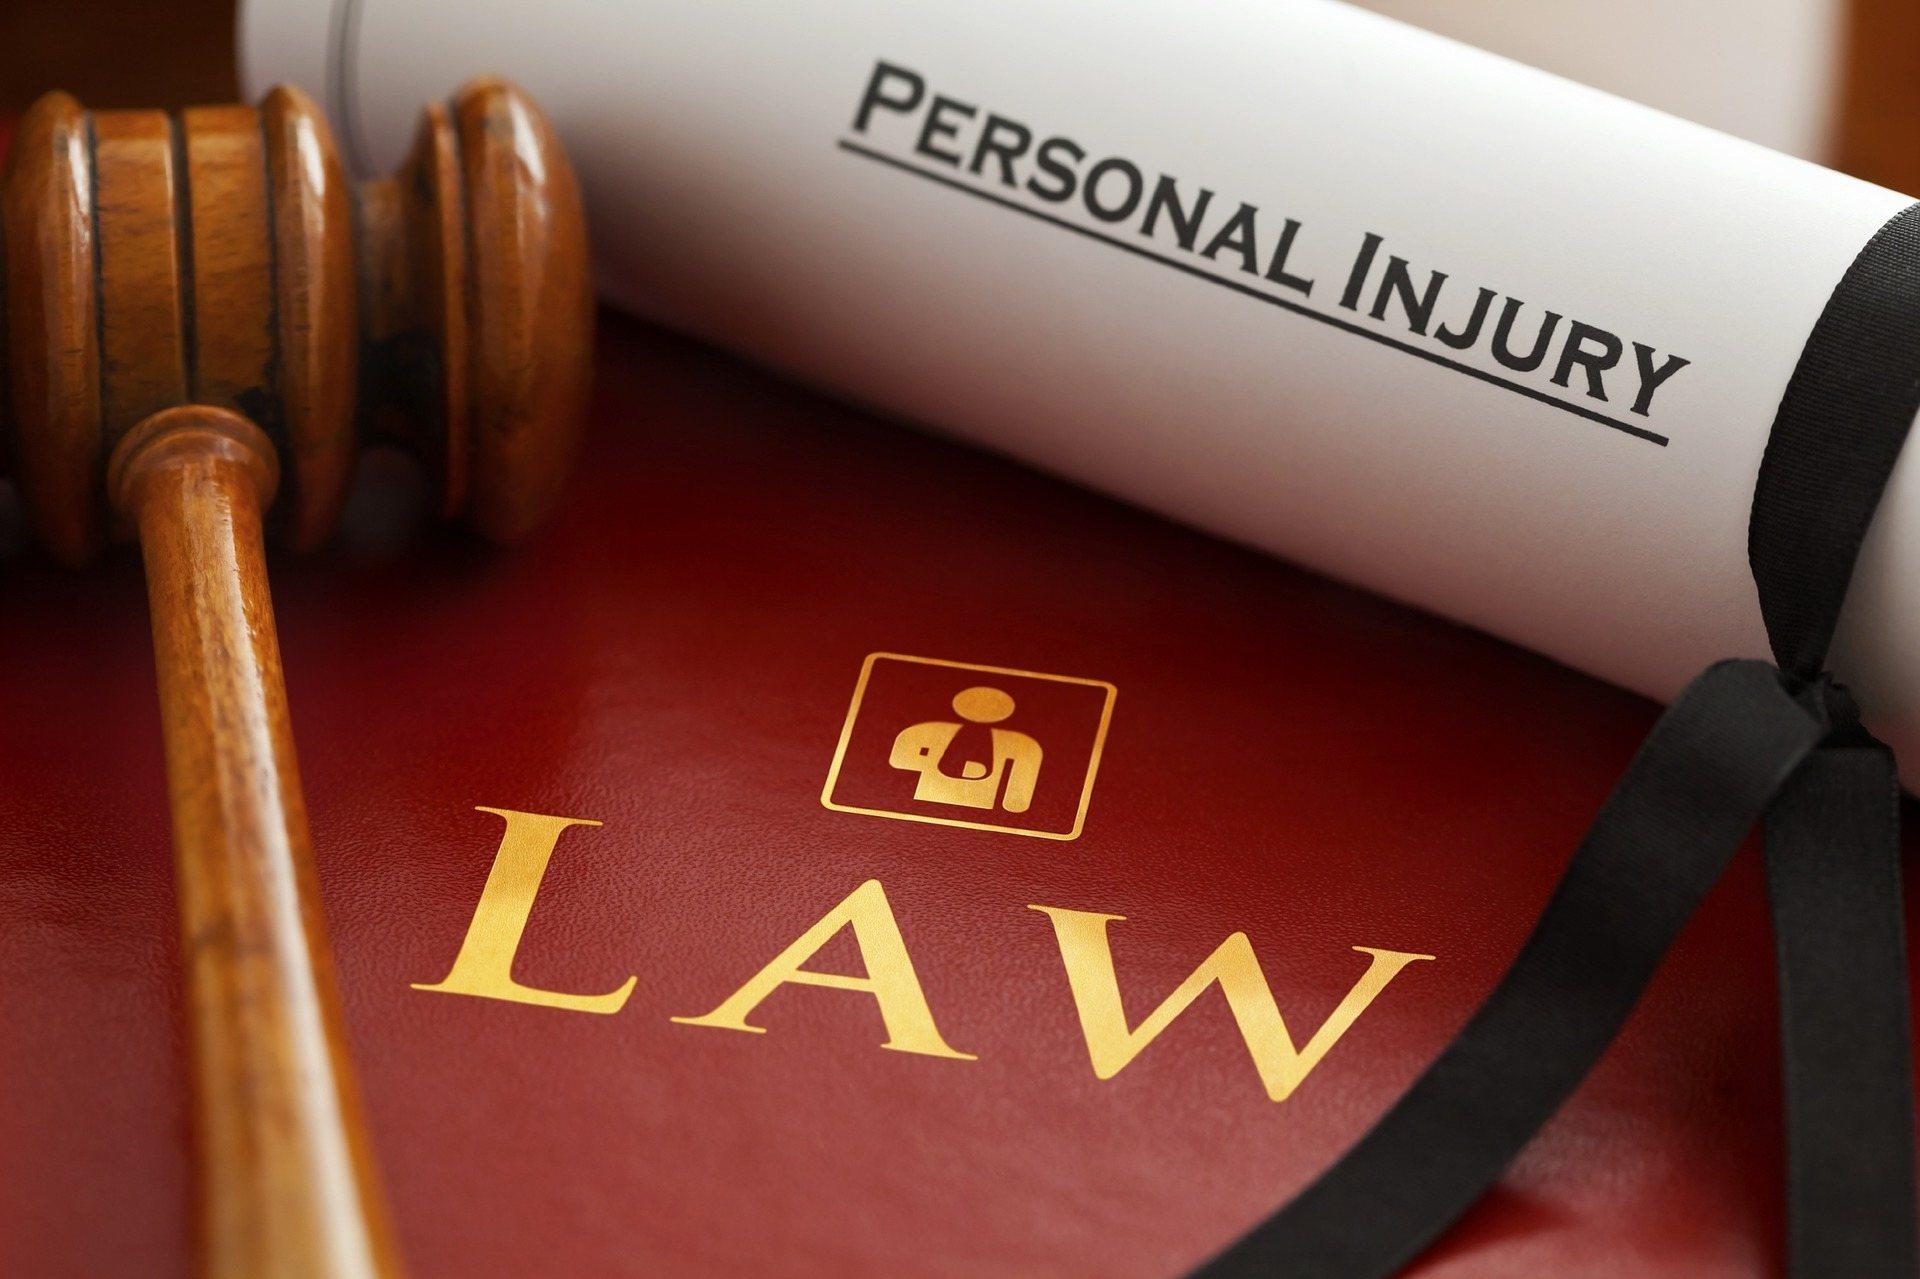 Imputato per Simulazione di Reato: Assoluzione per un nostro assistito